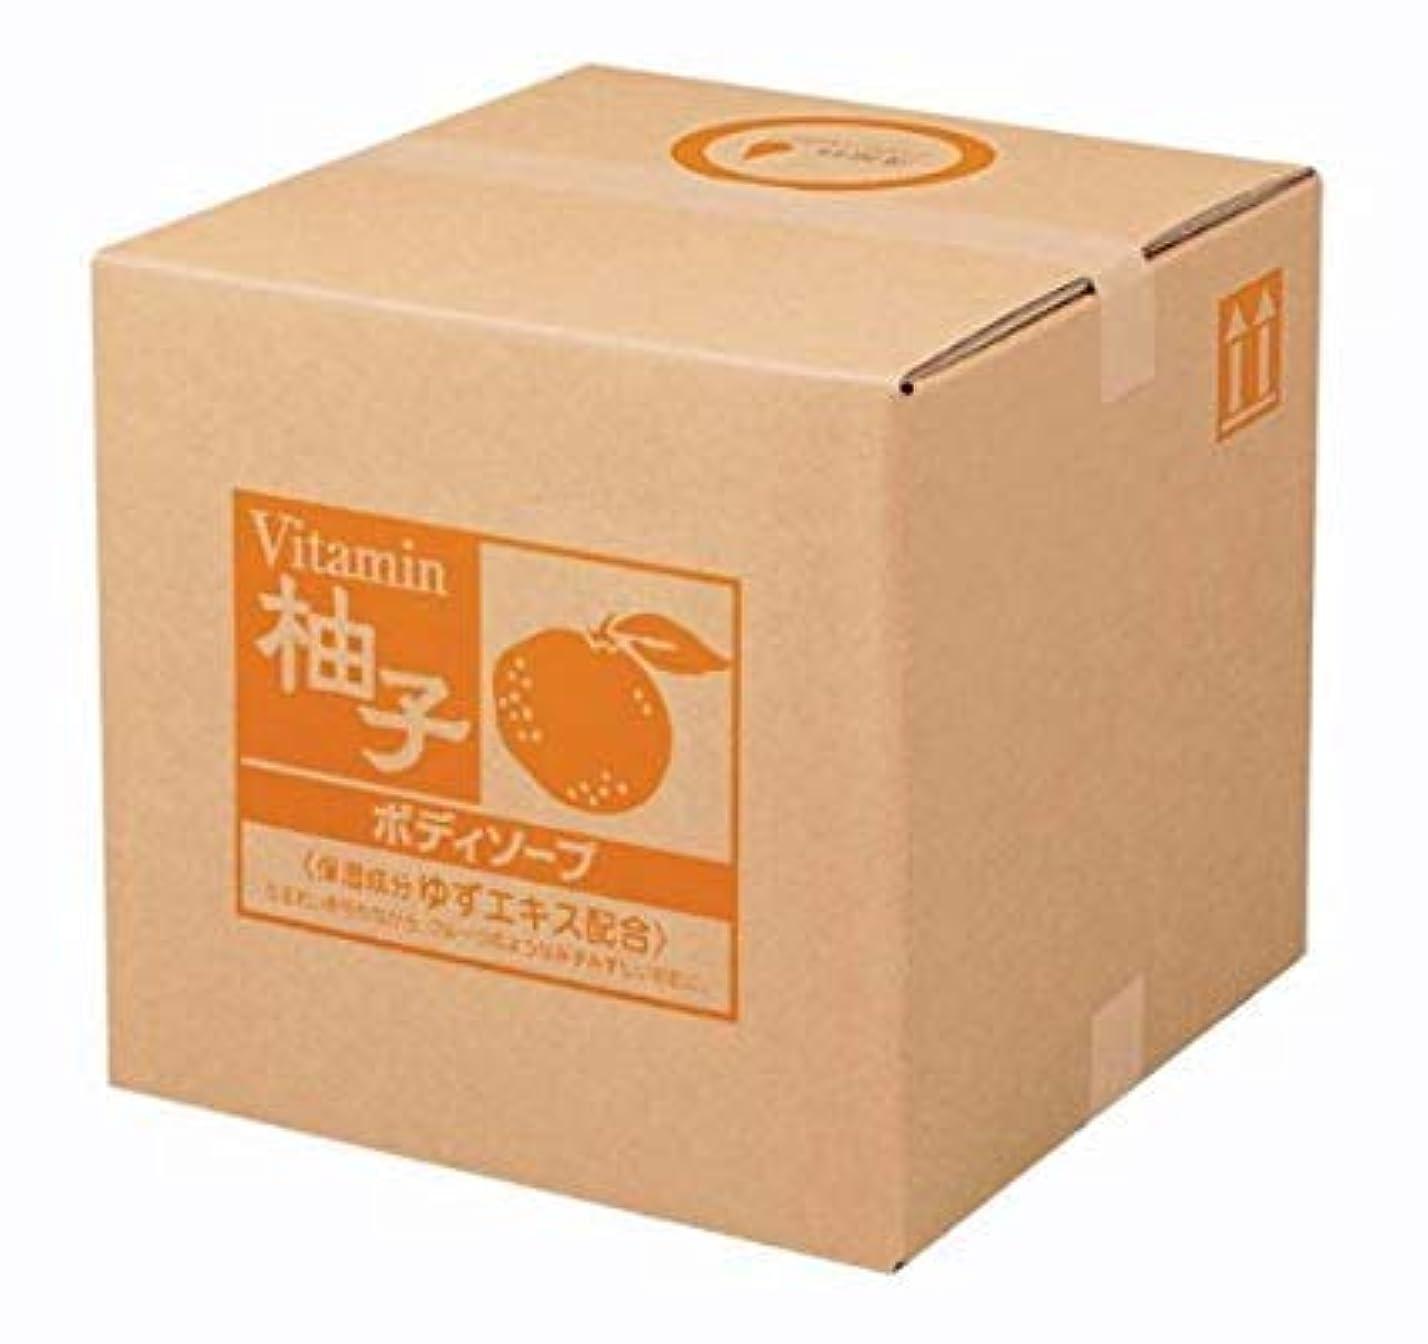 締め切りナースしなやかな業務用 SCRITT(スクリット) 柚子 ボディソープ 18L 熊野油脂 (コック無し)